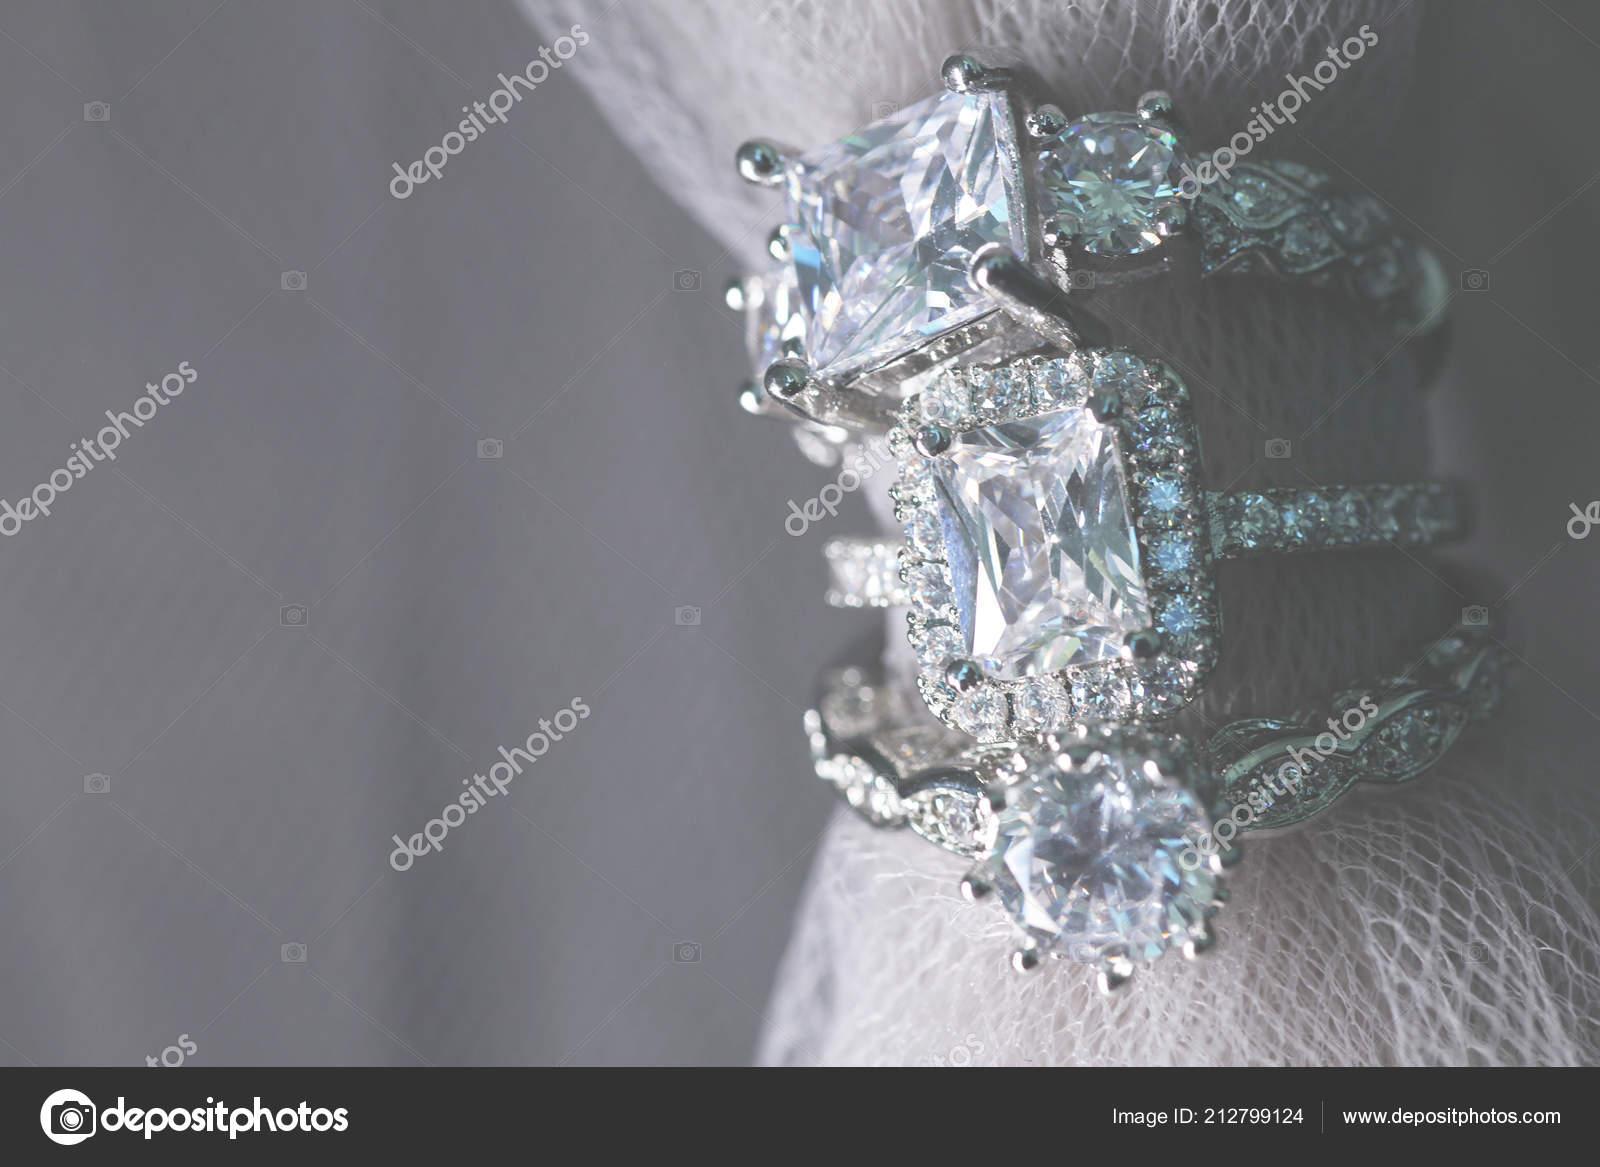 Nekolik Diamantove Snubni Prsteny Jemne Sperky Stock Fotografie